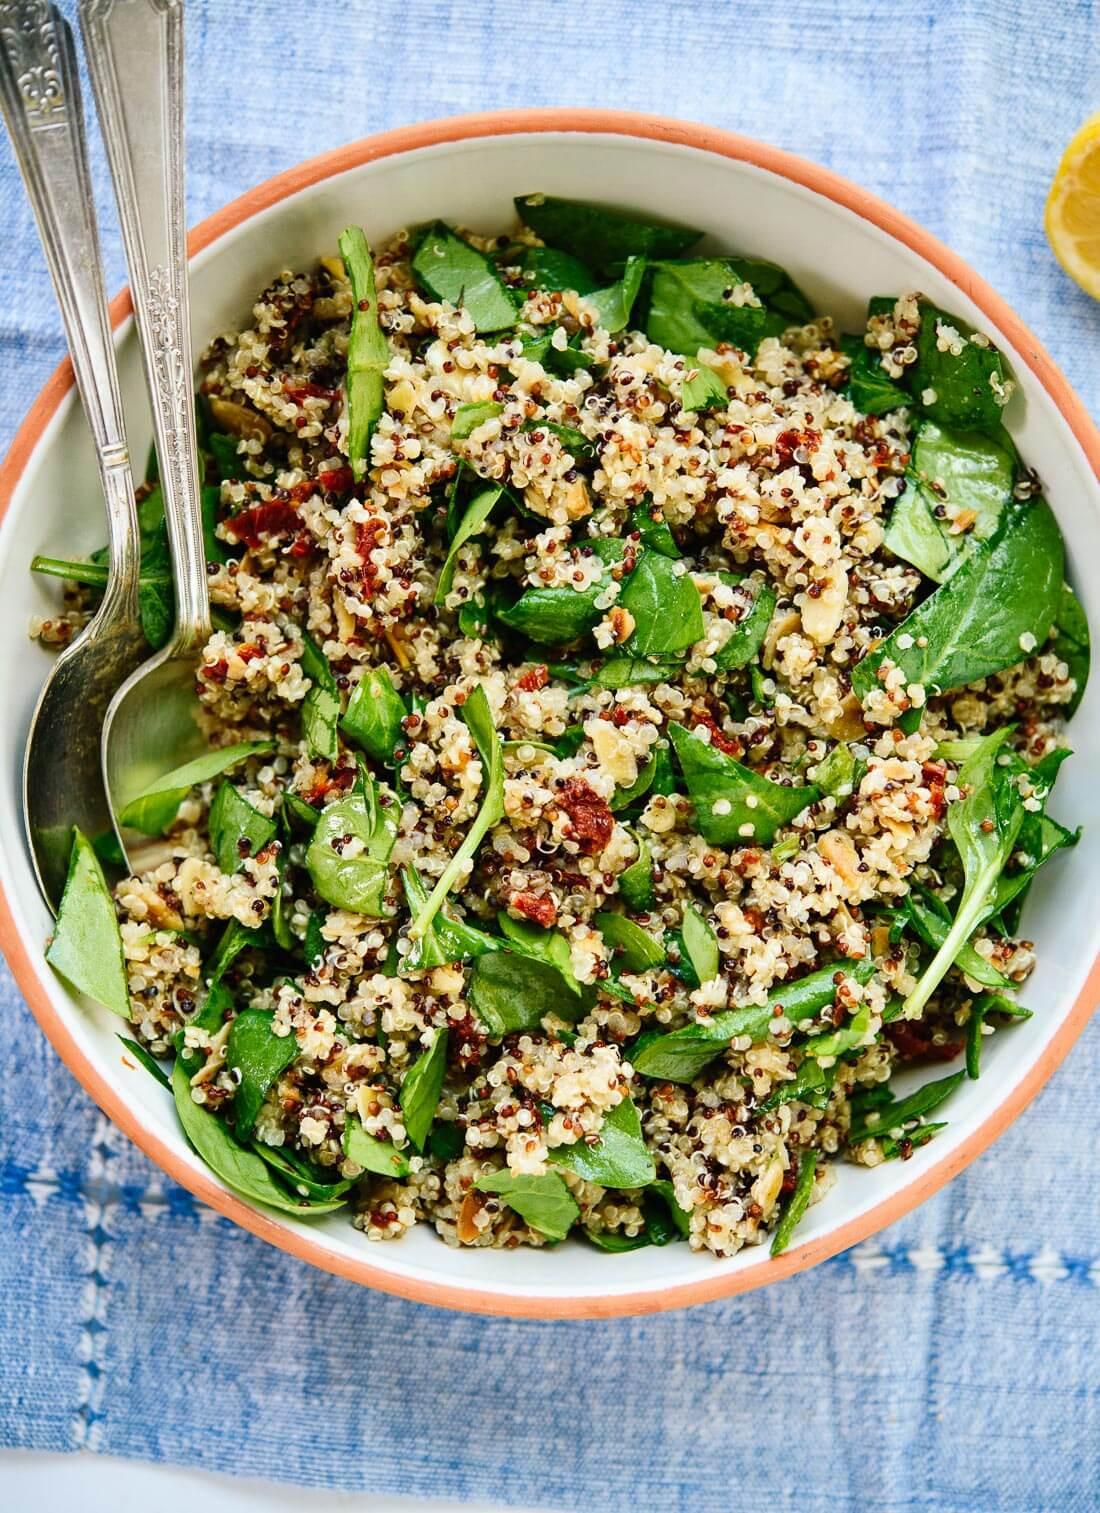 Quinoa Recipes Salad  How to Cook Perfect Quinoa & 10 Quinoa Recipes Cookie